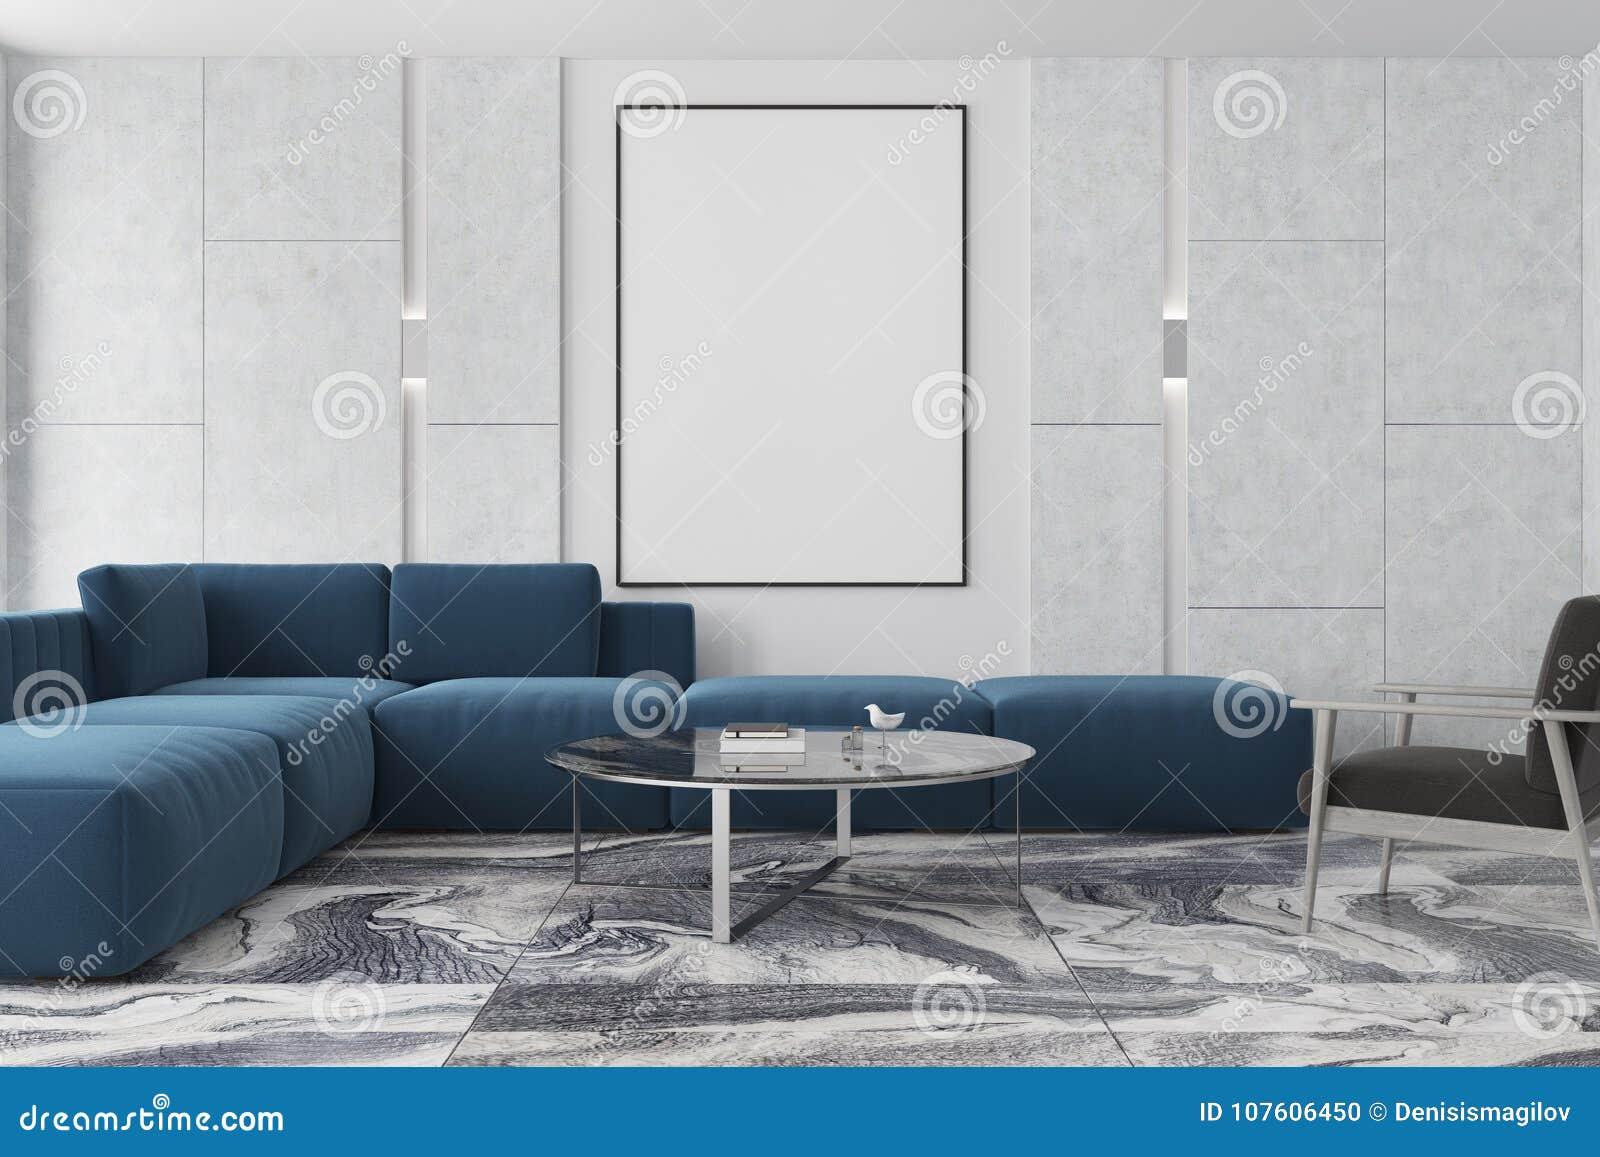 Marmor Braunes Sofa Und Abbildung WohnzimmerPlakatBlaues Stock nwO0k8NPX